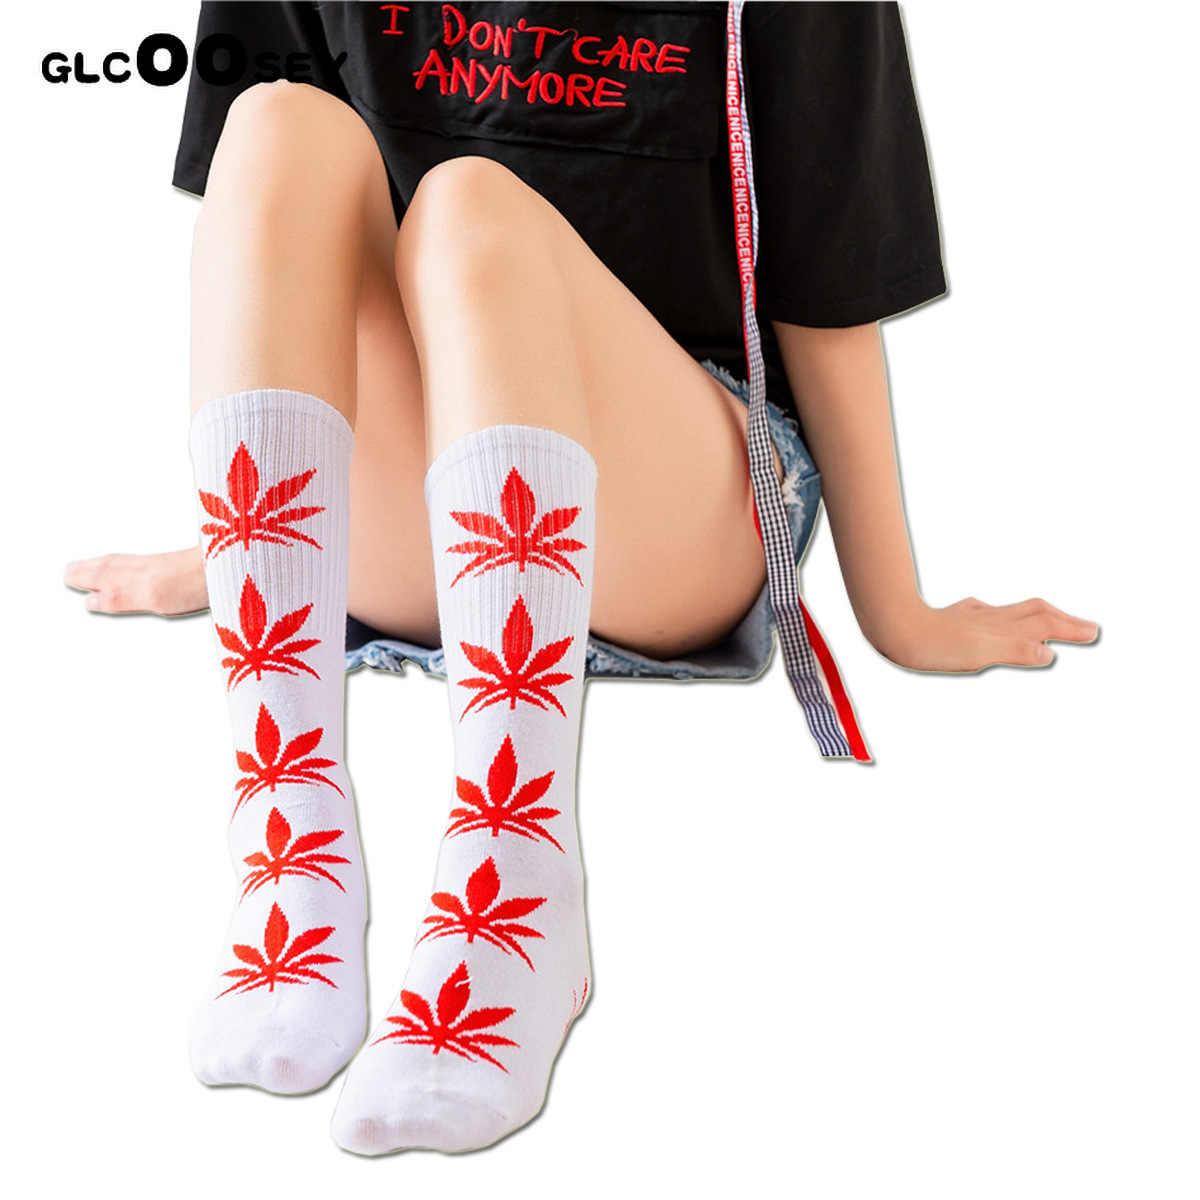 ใหม่ 1 คู่สาวสบายๆกีฬา Maple ใบผู้ใหญ่ถุงเท้าผู้หญิง Hemp leaf ที่มีคุณภาพสูงผ้าฝ้ายถุงเท้ากลาง - ยาวหญิงวัชพืชถุงเท้าลูกเรือ